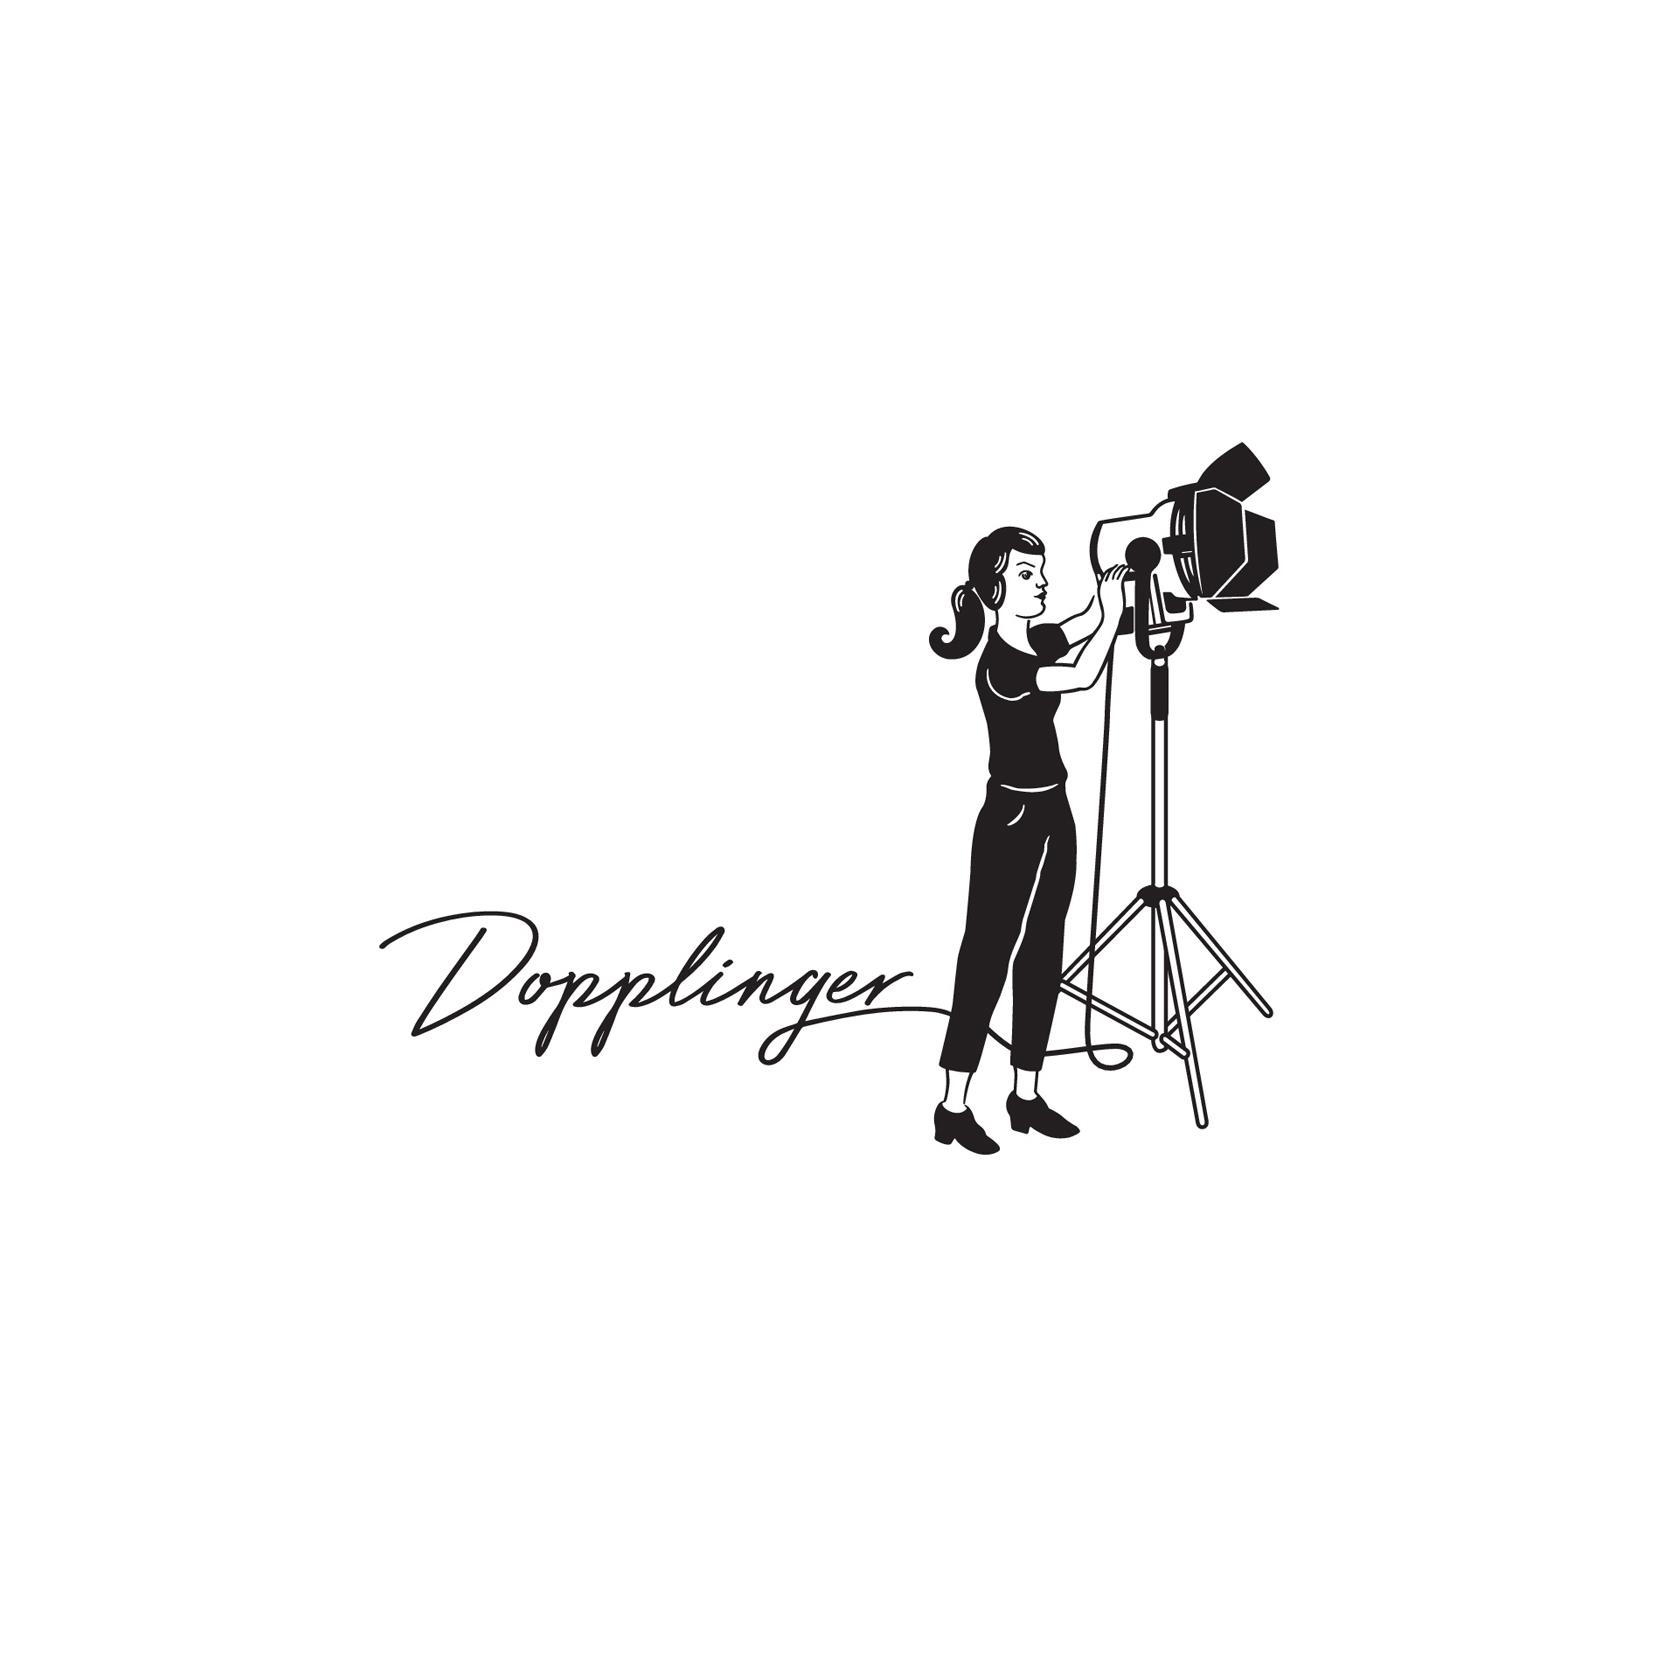 Dopplinger filmverleih logo web